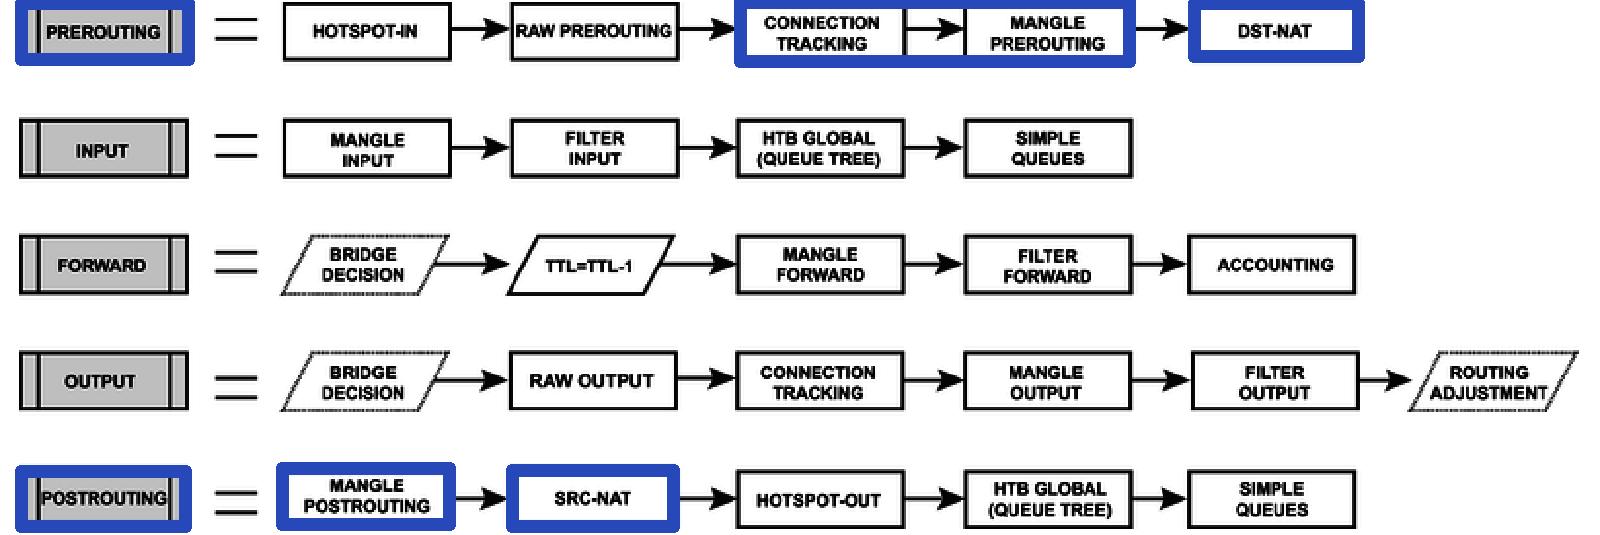 mikrotik-prerouting-postrouting